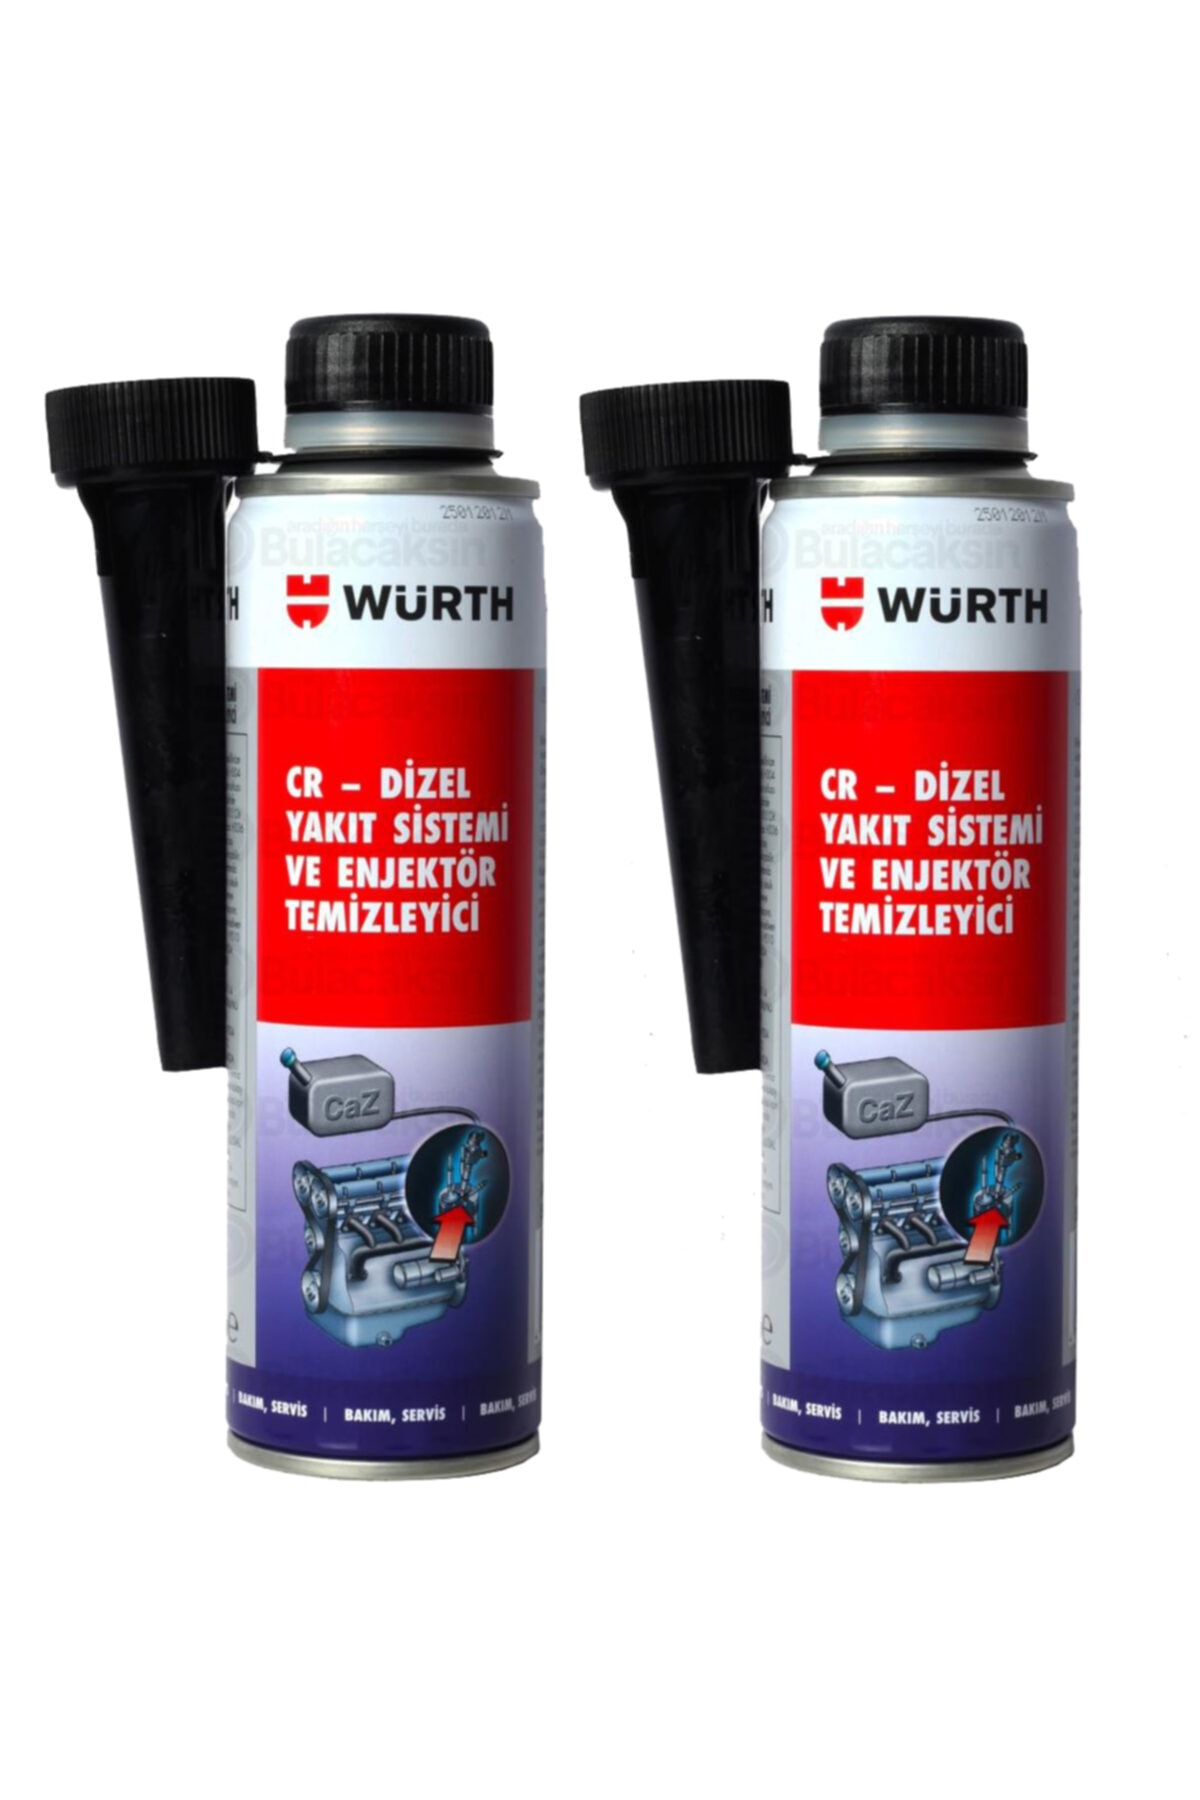 Würth 2x Dizel Enjektör Temizleyici Performans Iyileştirici 300ml 1